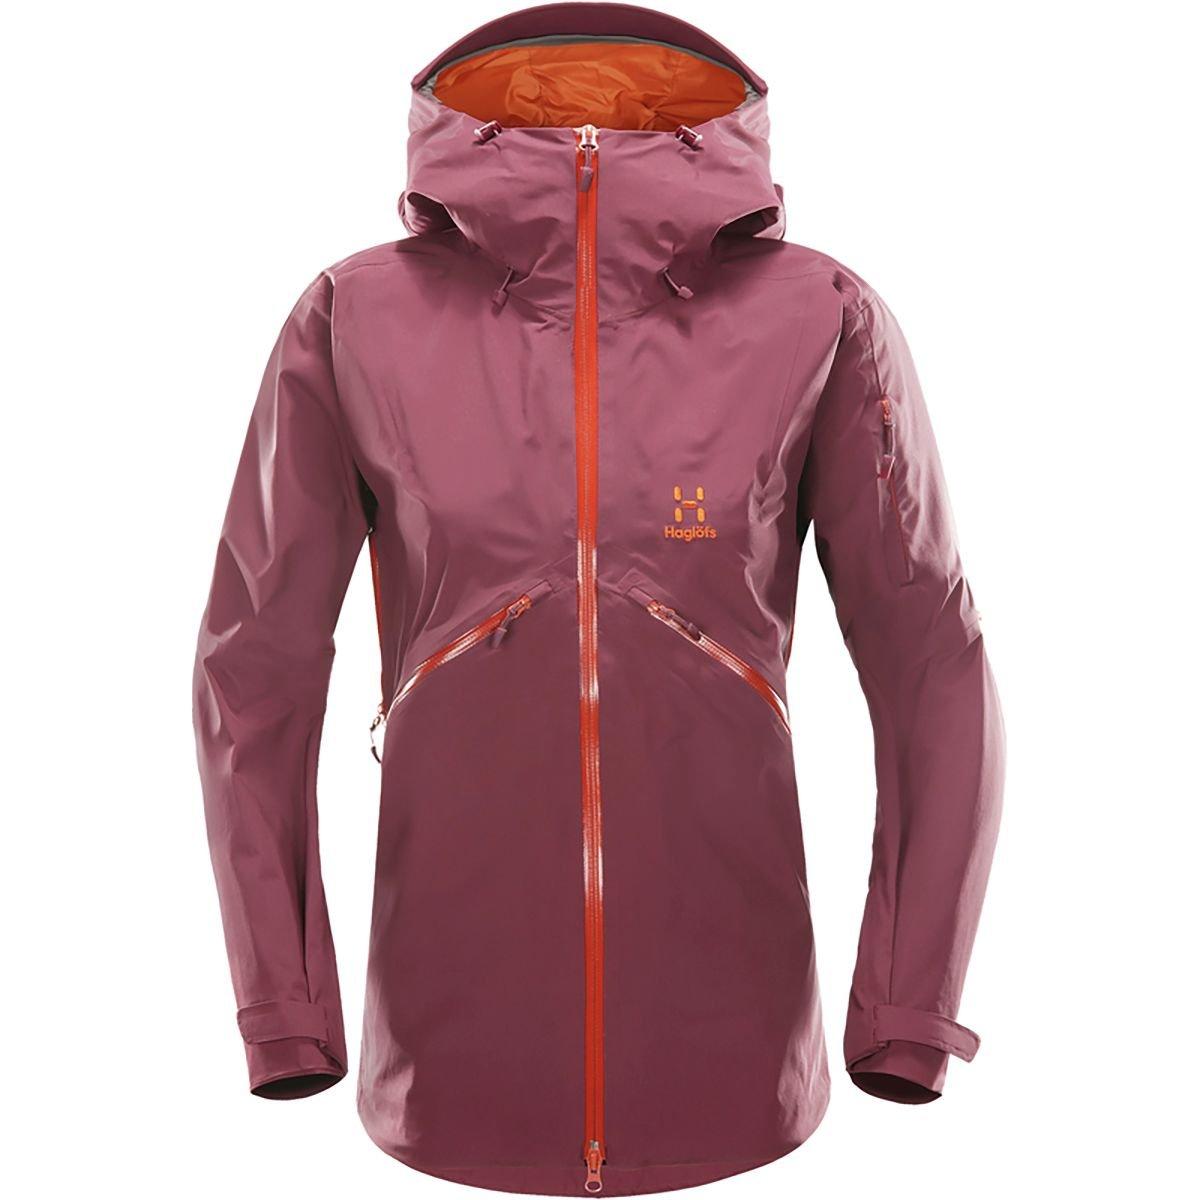 (ホグロフス) Haglofs Khione Jacket レディース スキー ウェア ジャケットAubergine [並行輸入品] B078RJV2D5 日本サイズ L (US M)|Aubergine Aubergine 日本サイズ L (US M)